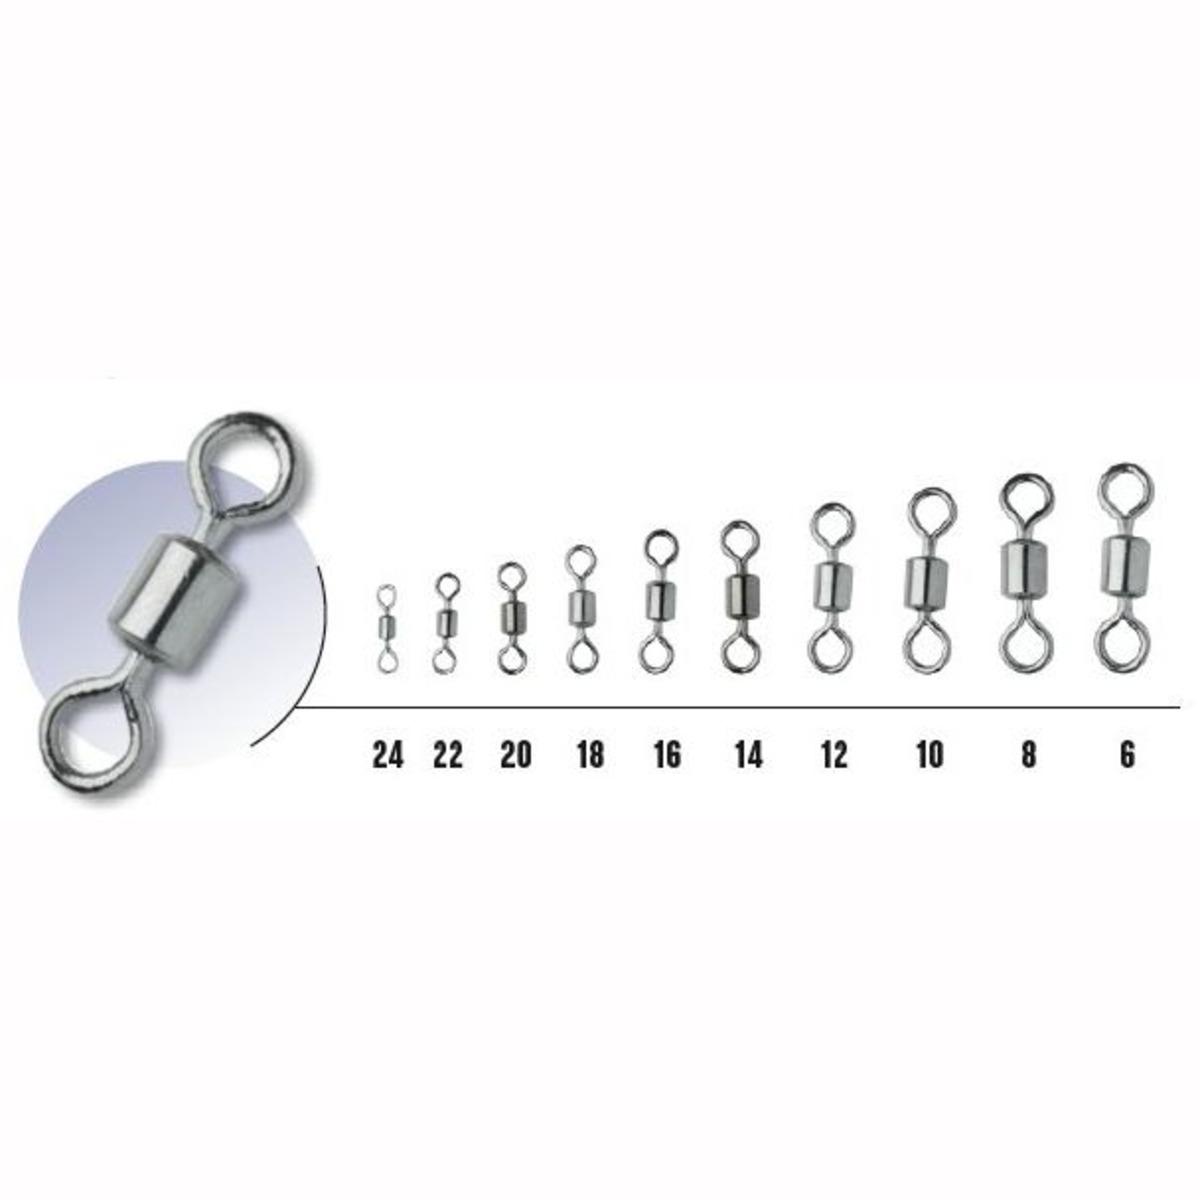 Daiwa Girella Singola Rolling TB Serie 1 - 24 - 4 kg